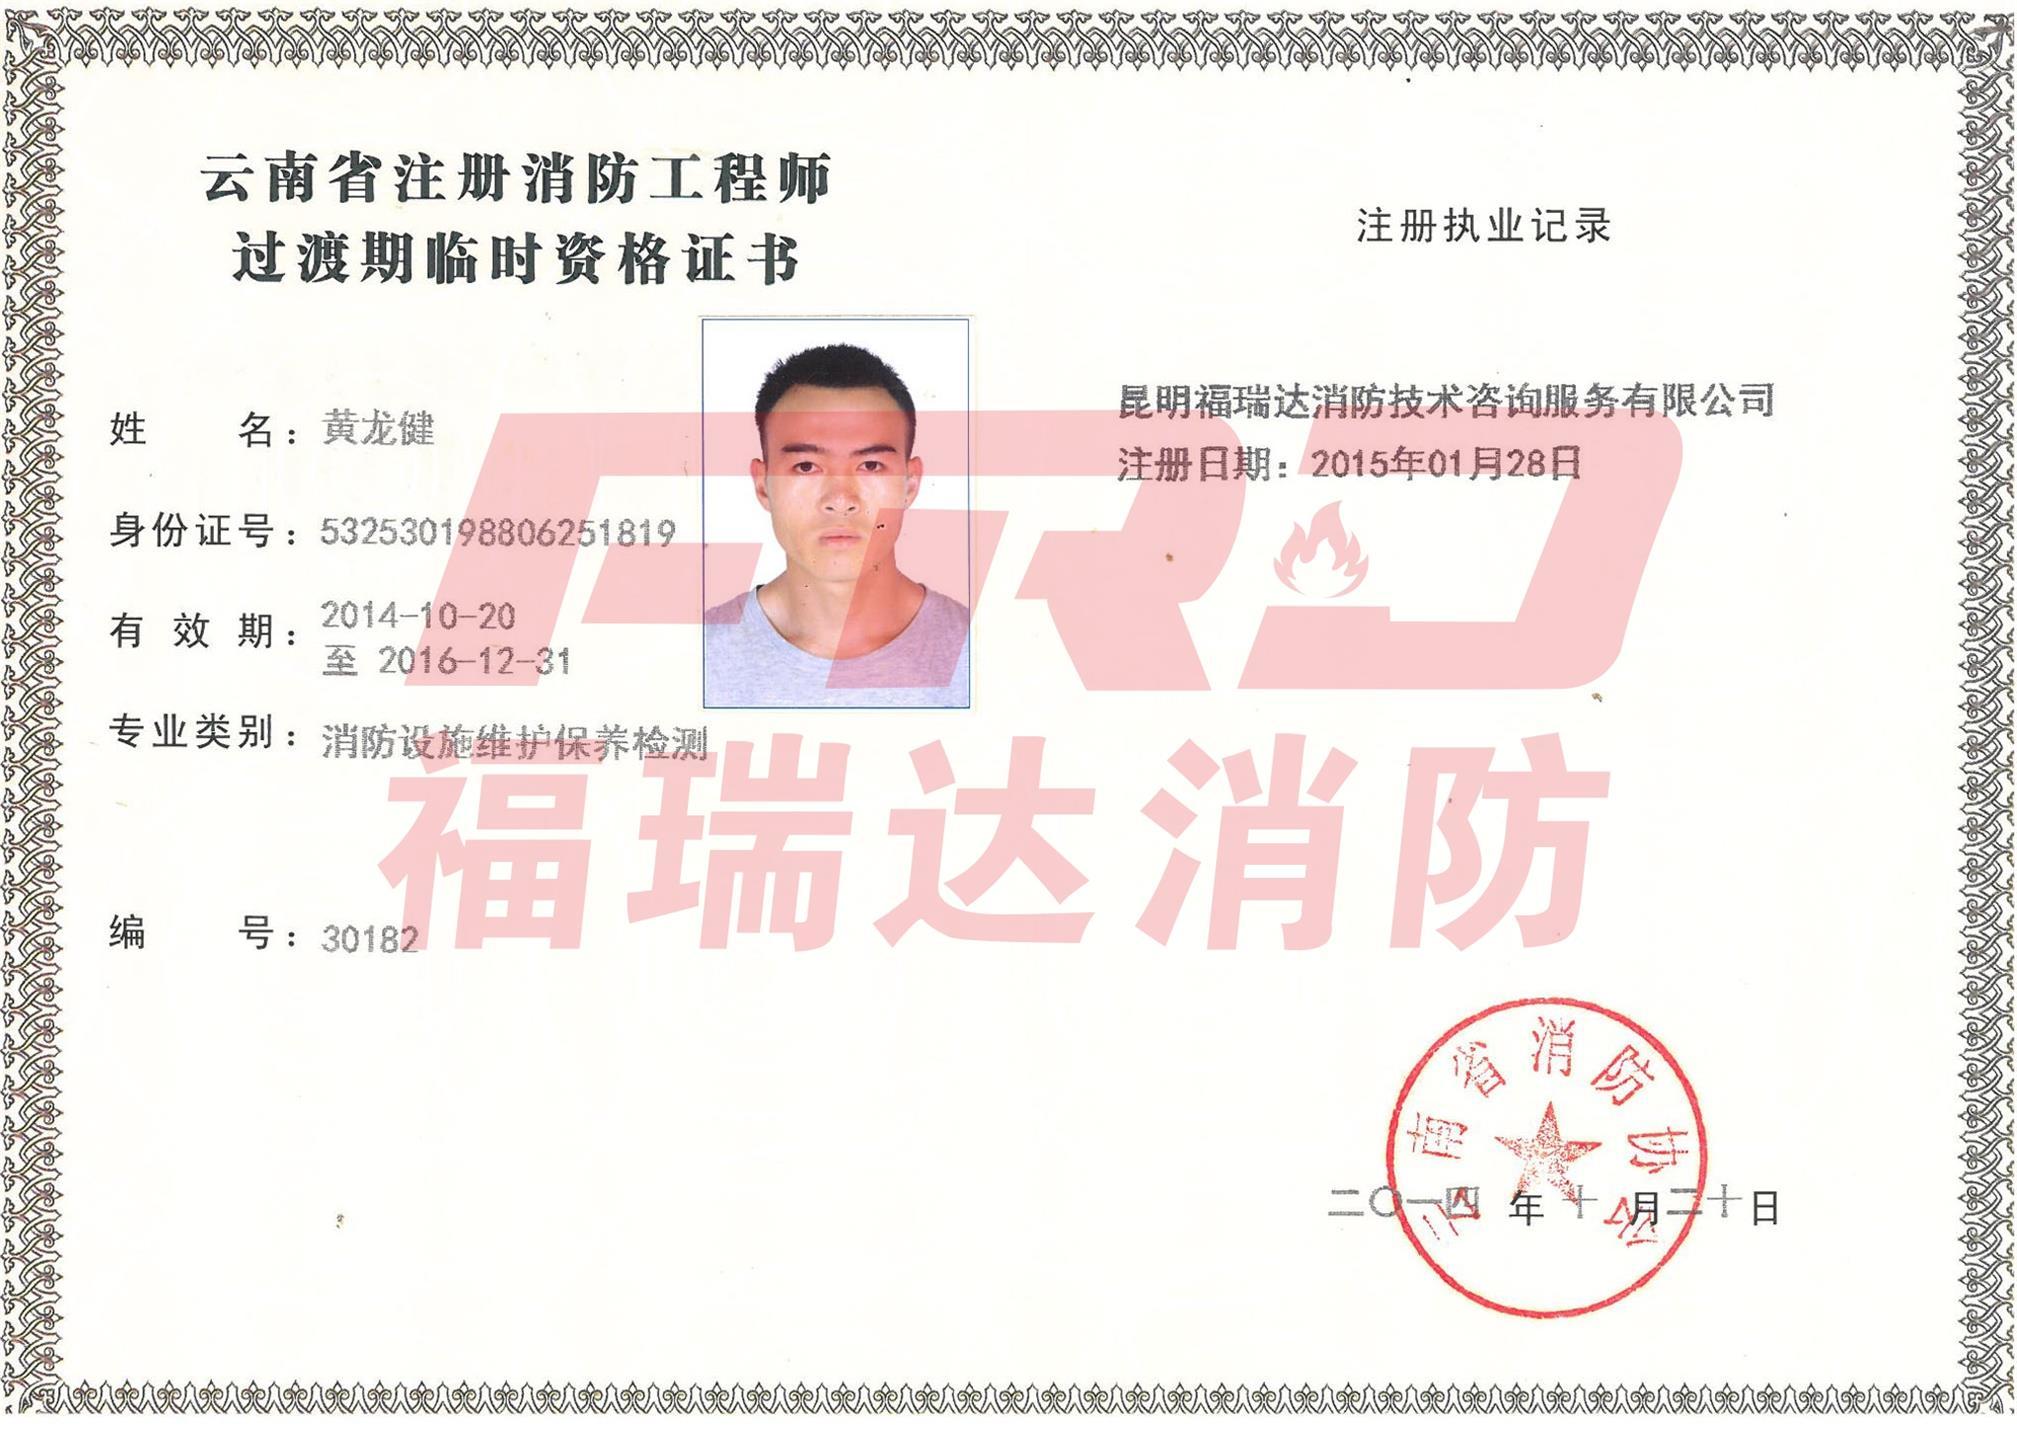 消防设备检测工程师黄龙健